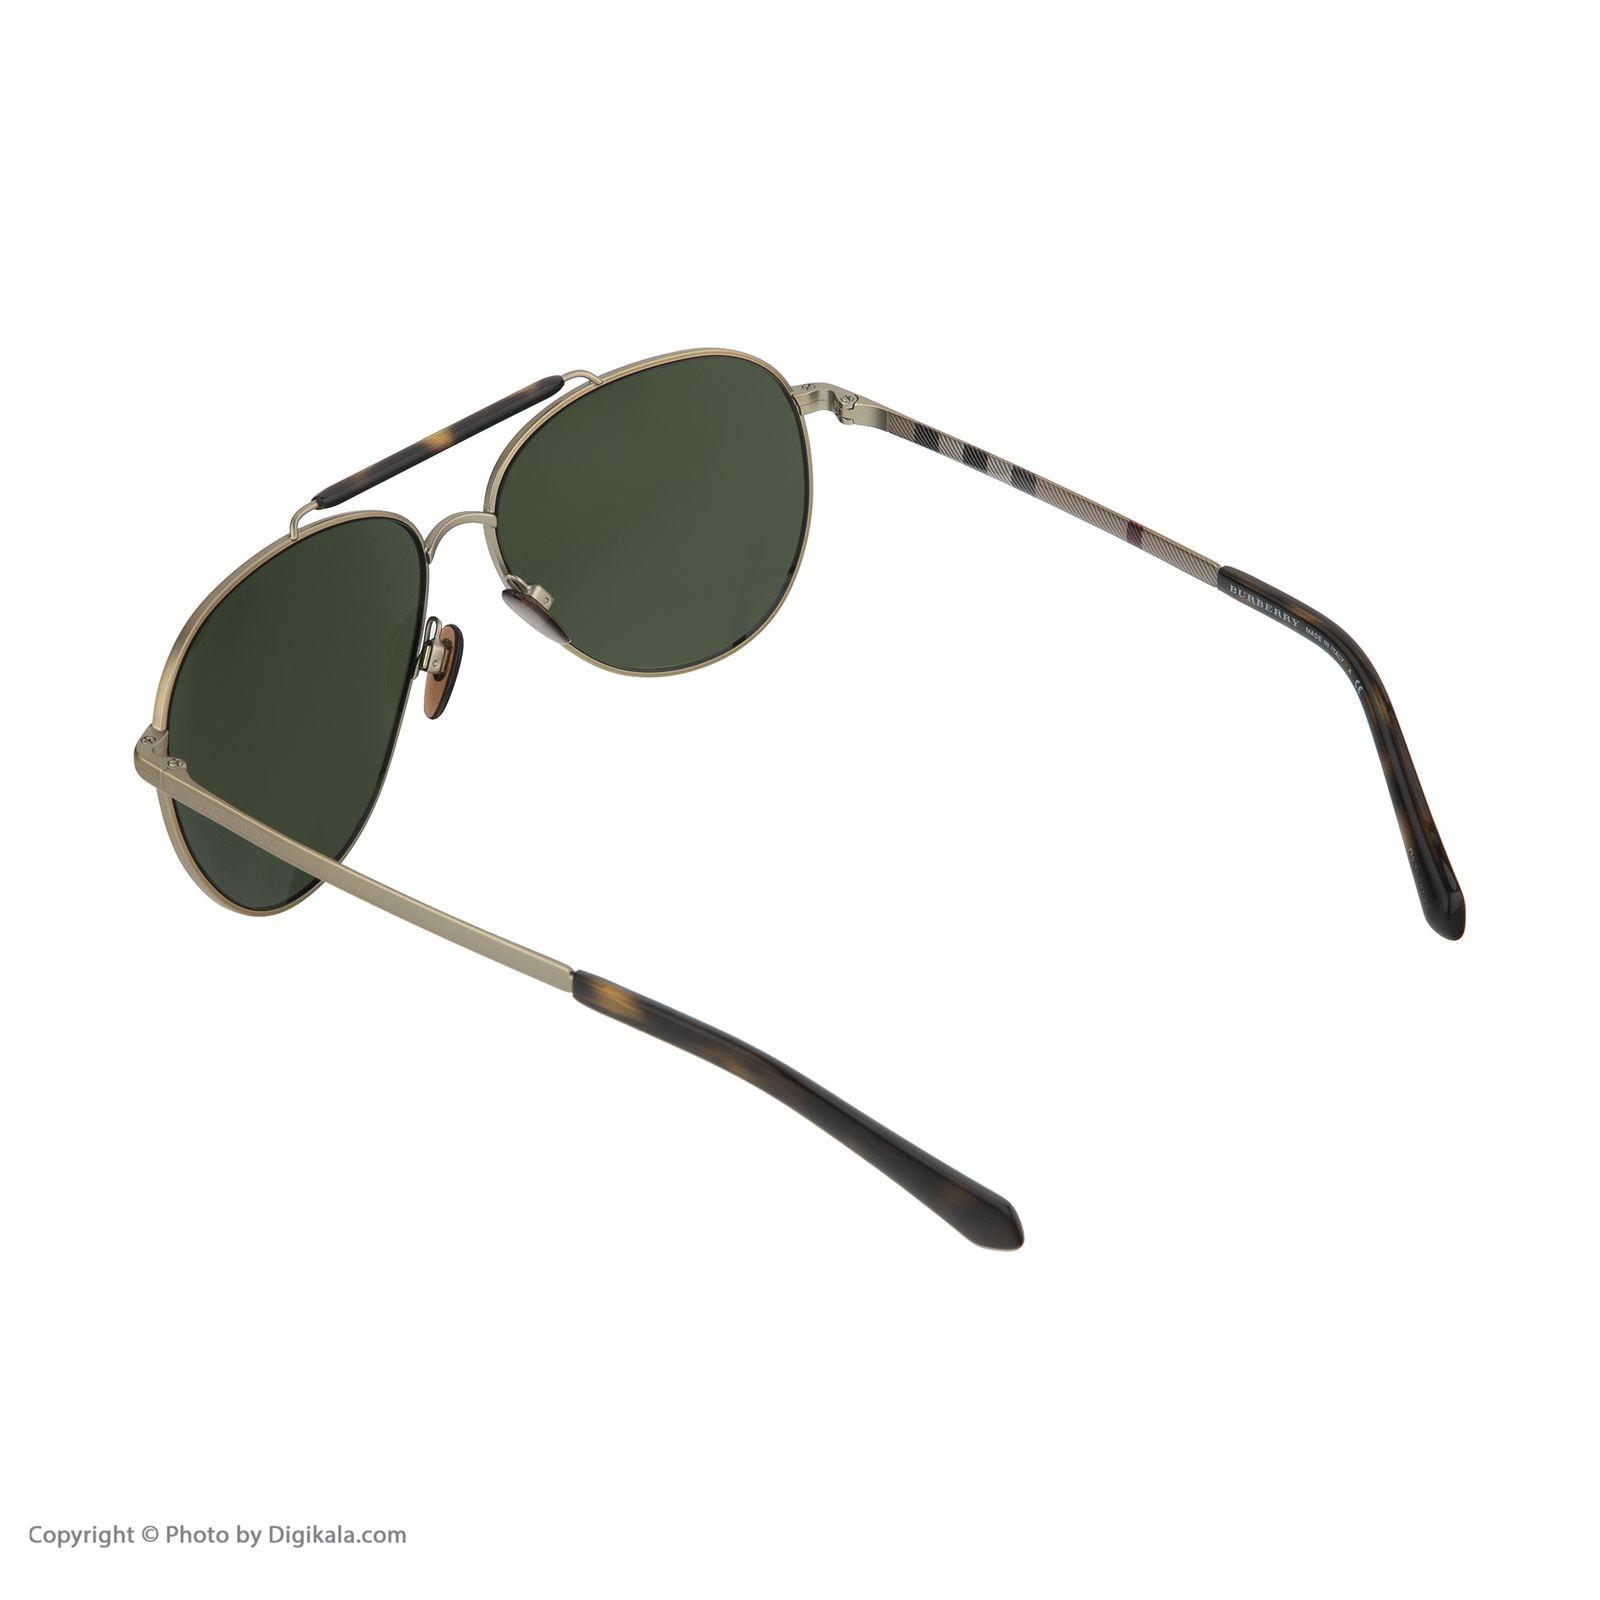 عینک آفتابی زنانه بربری مدل BE 3097S 127171 59 -  - 6